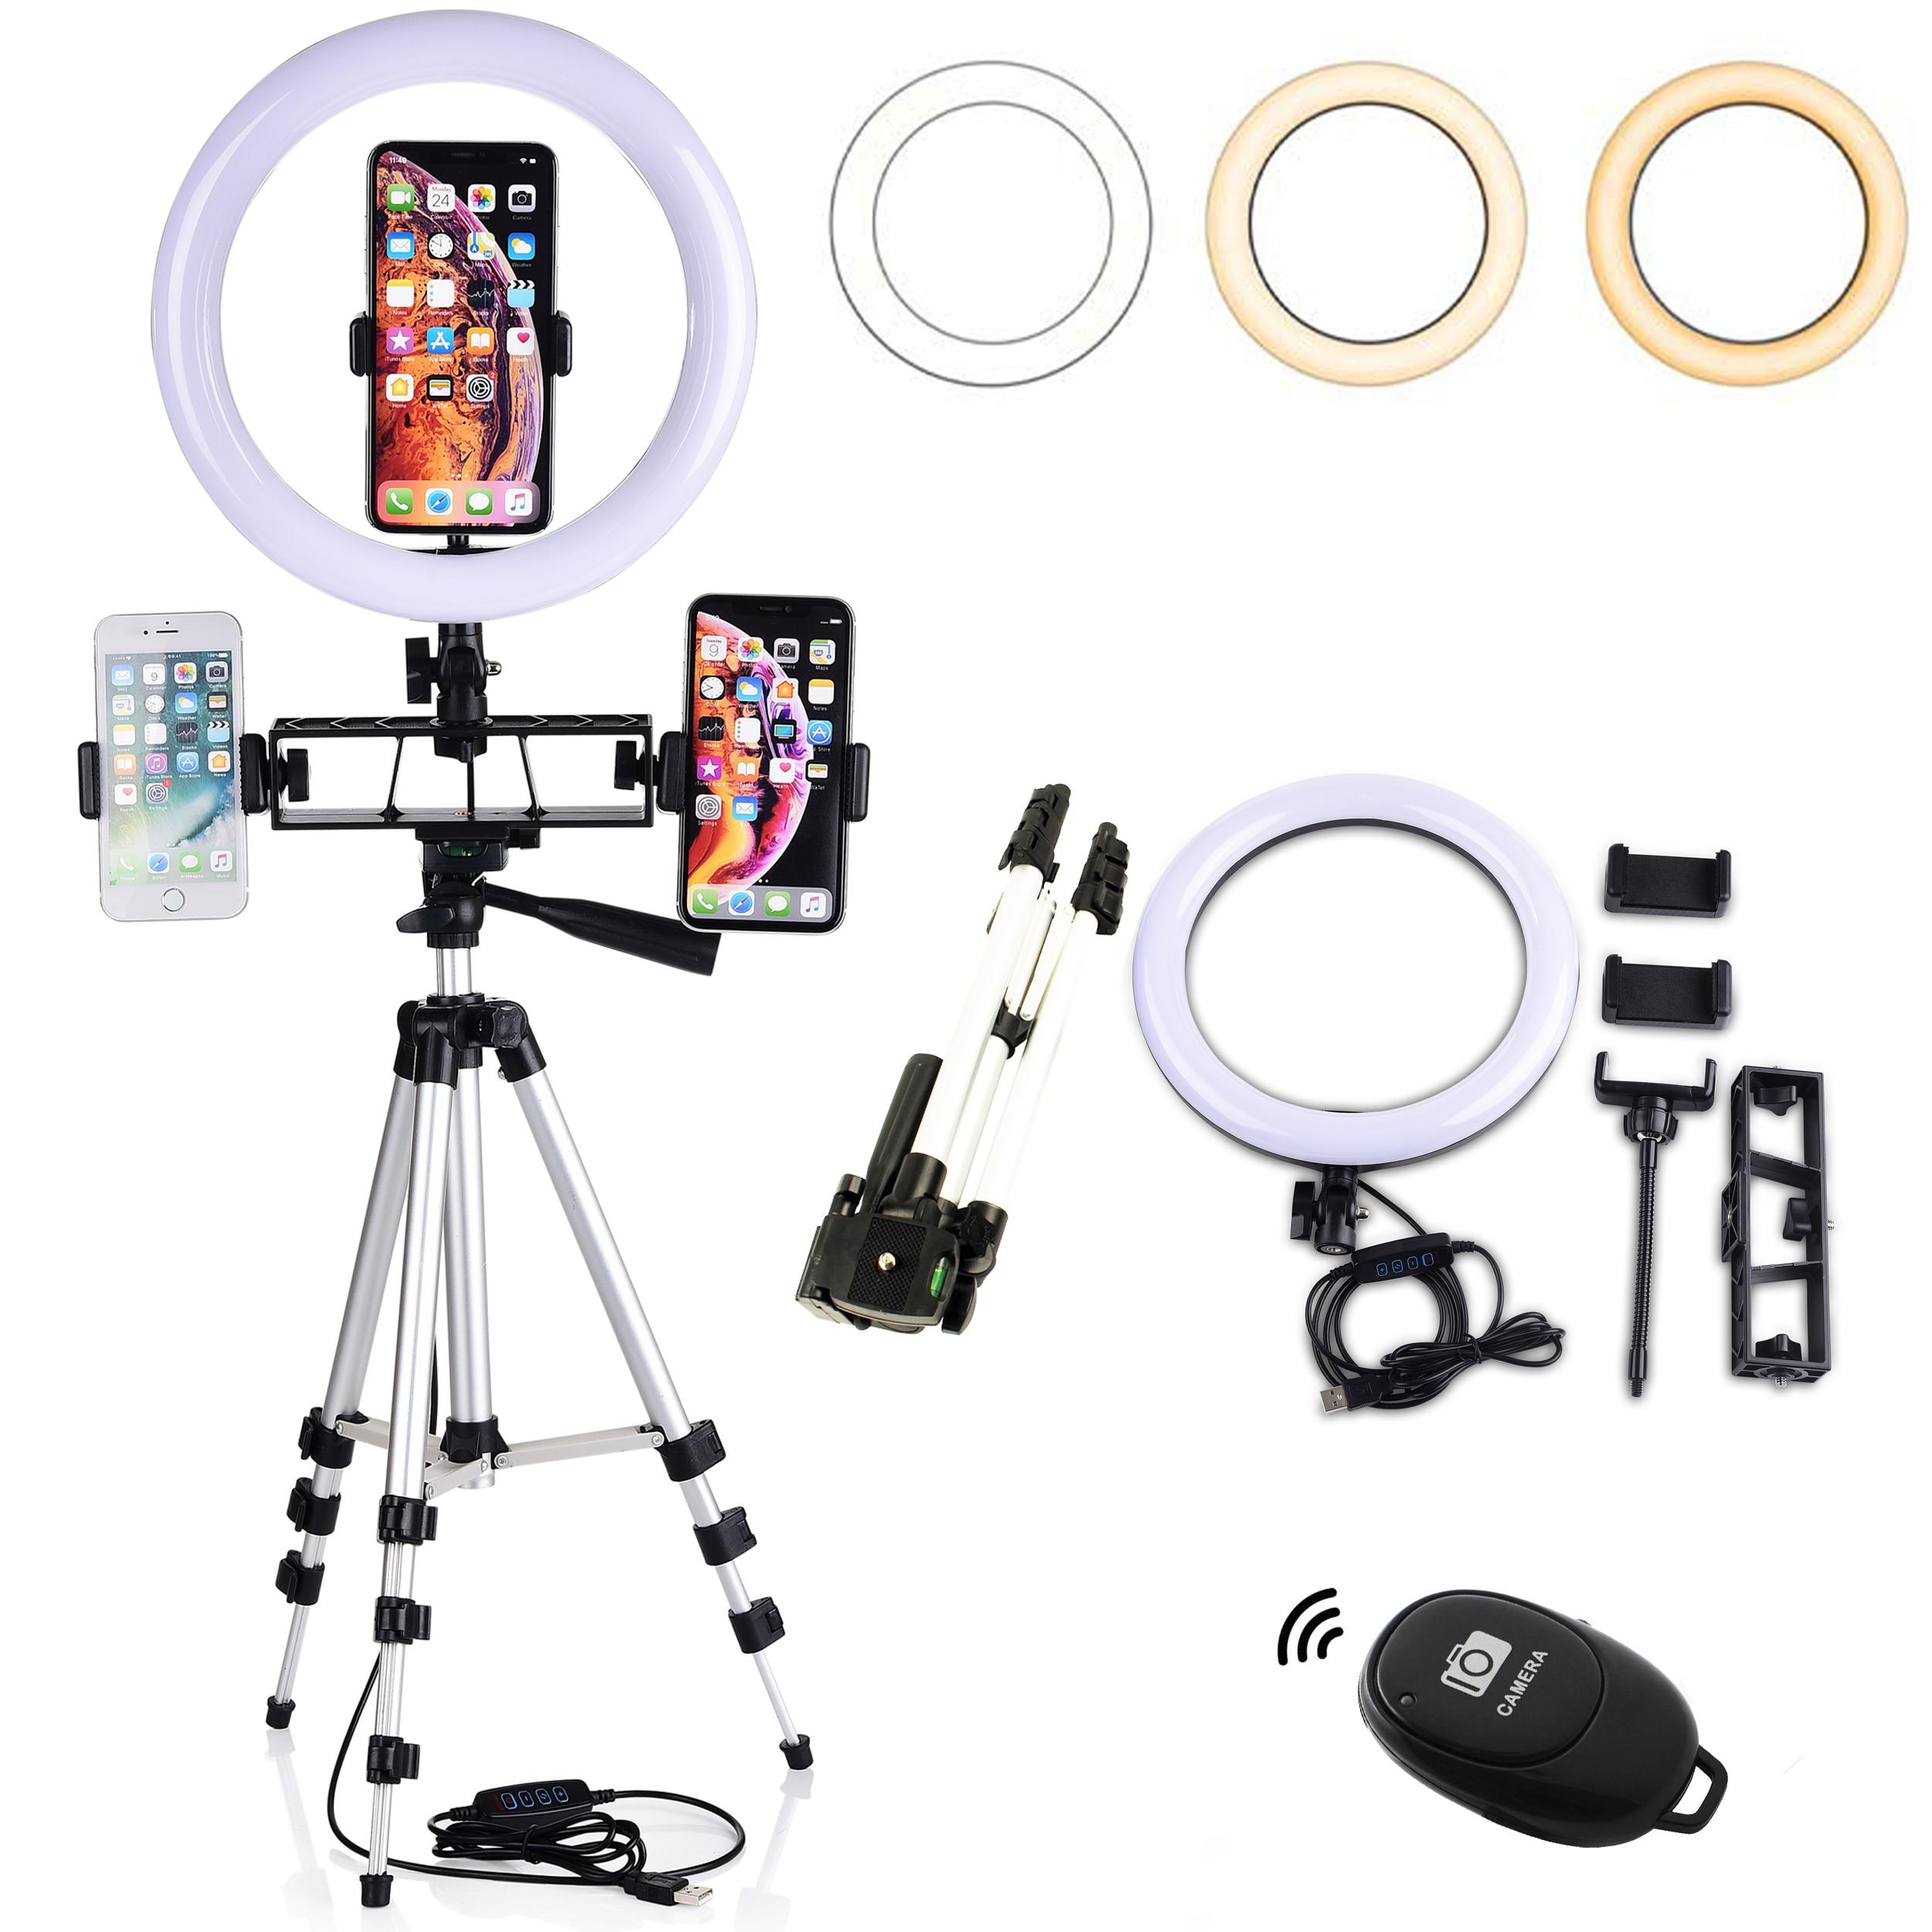 Dimmable LED Selfie lumière annulaire 10 pouces 26cm caméra téléphone lampe pour maquillage vidéo Studio en direct 3 Modes 10 niveau de luminosité